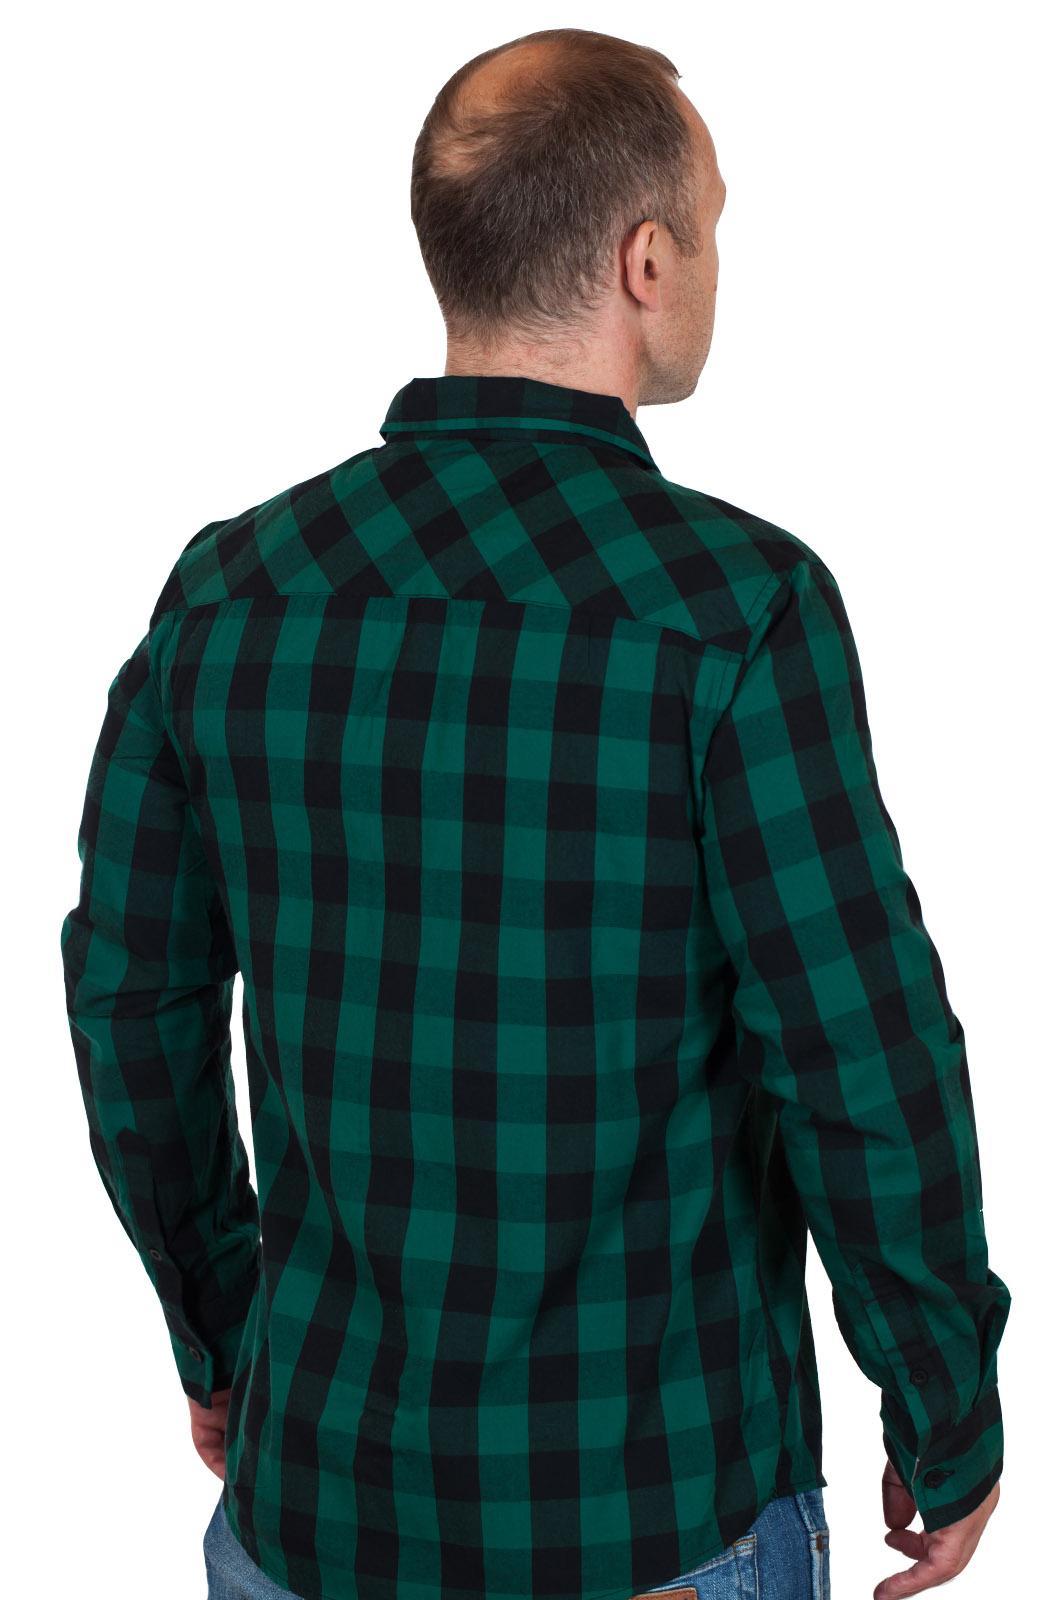 Модная мужская рубашка Colegao Csl - вид сзади